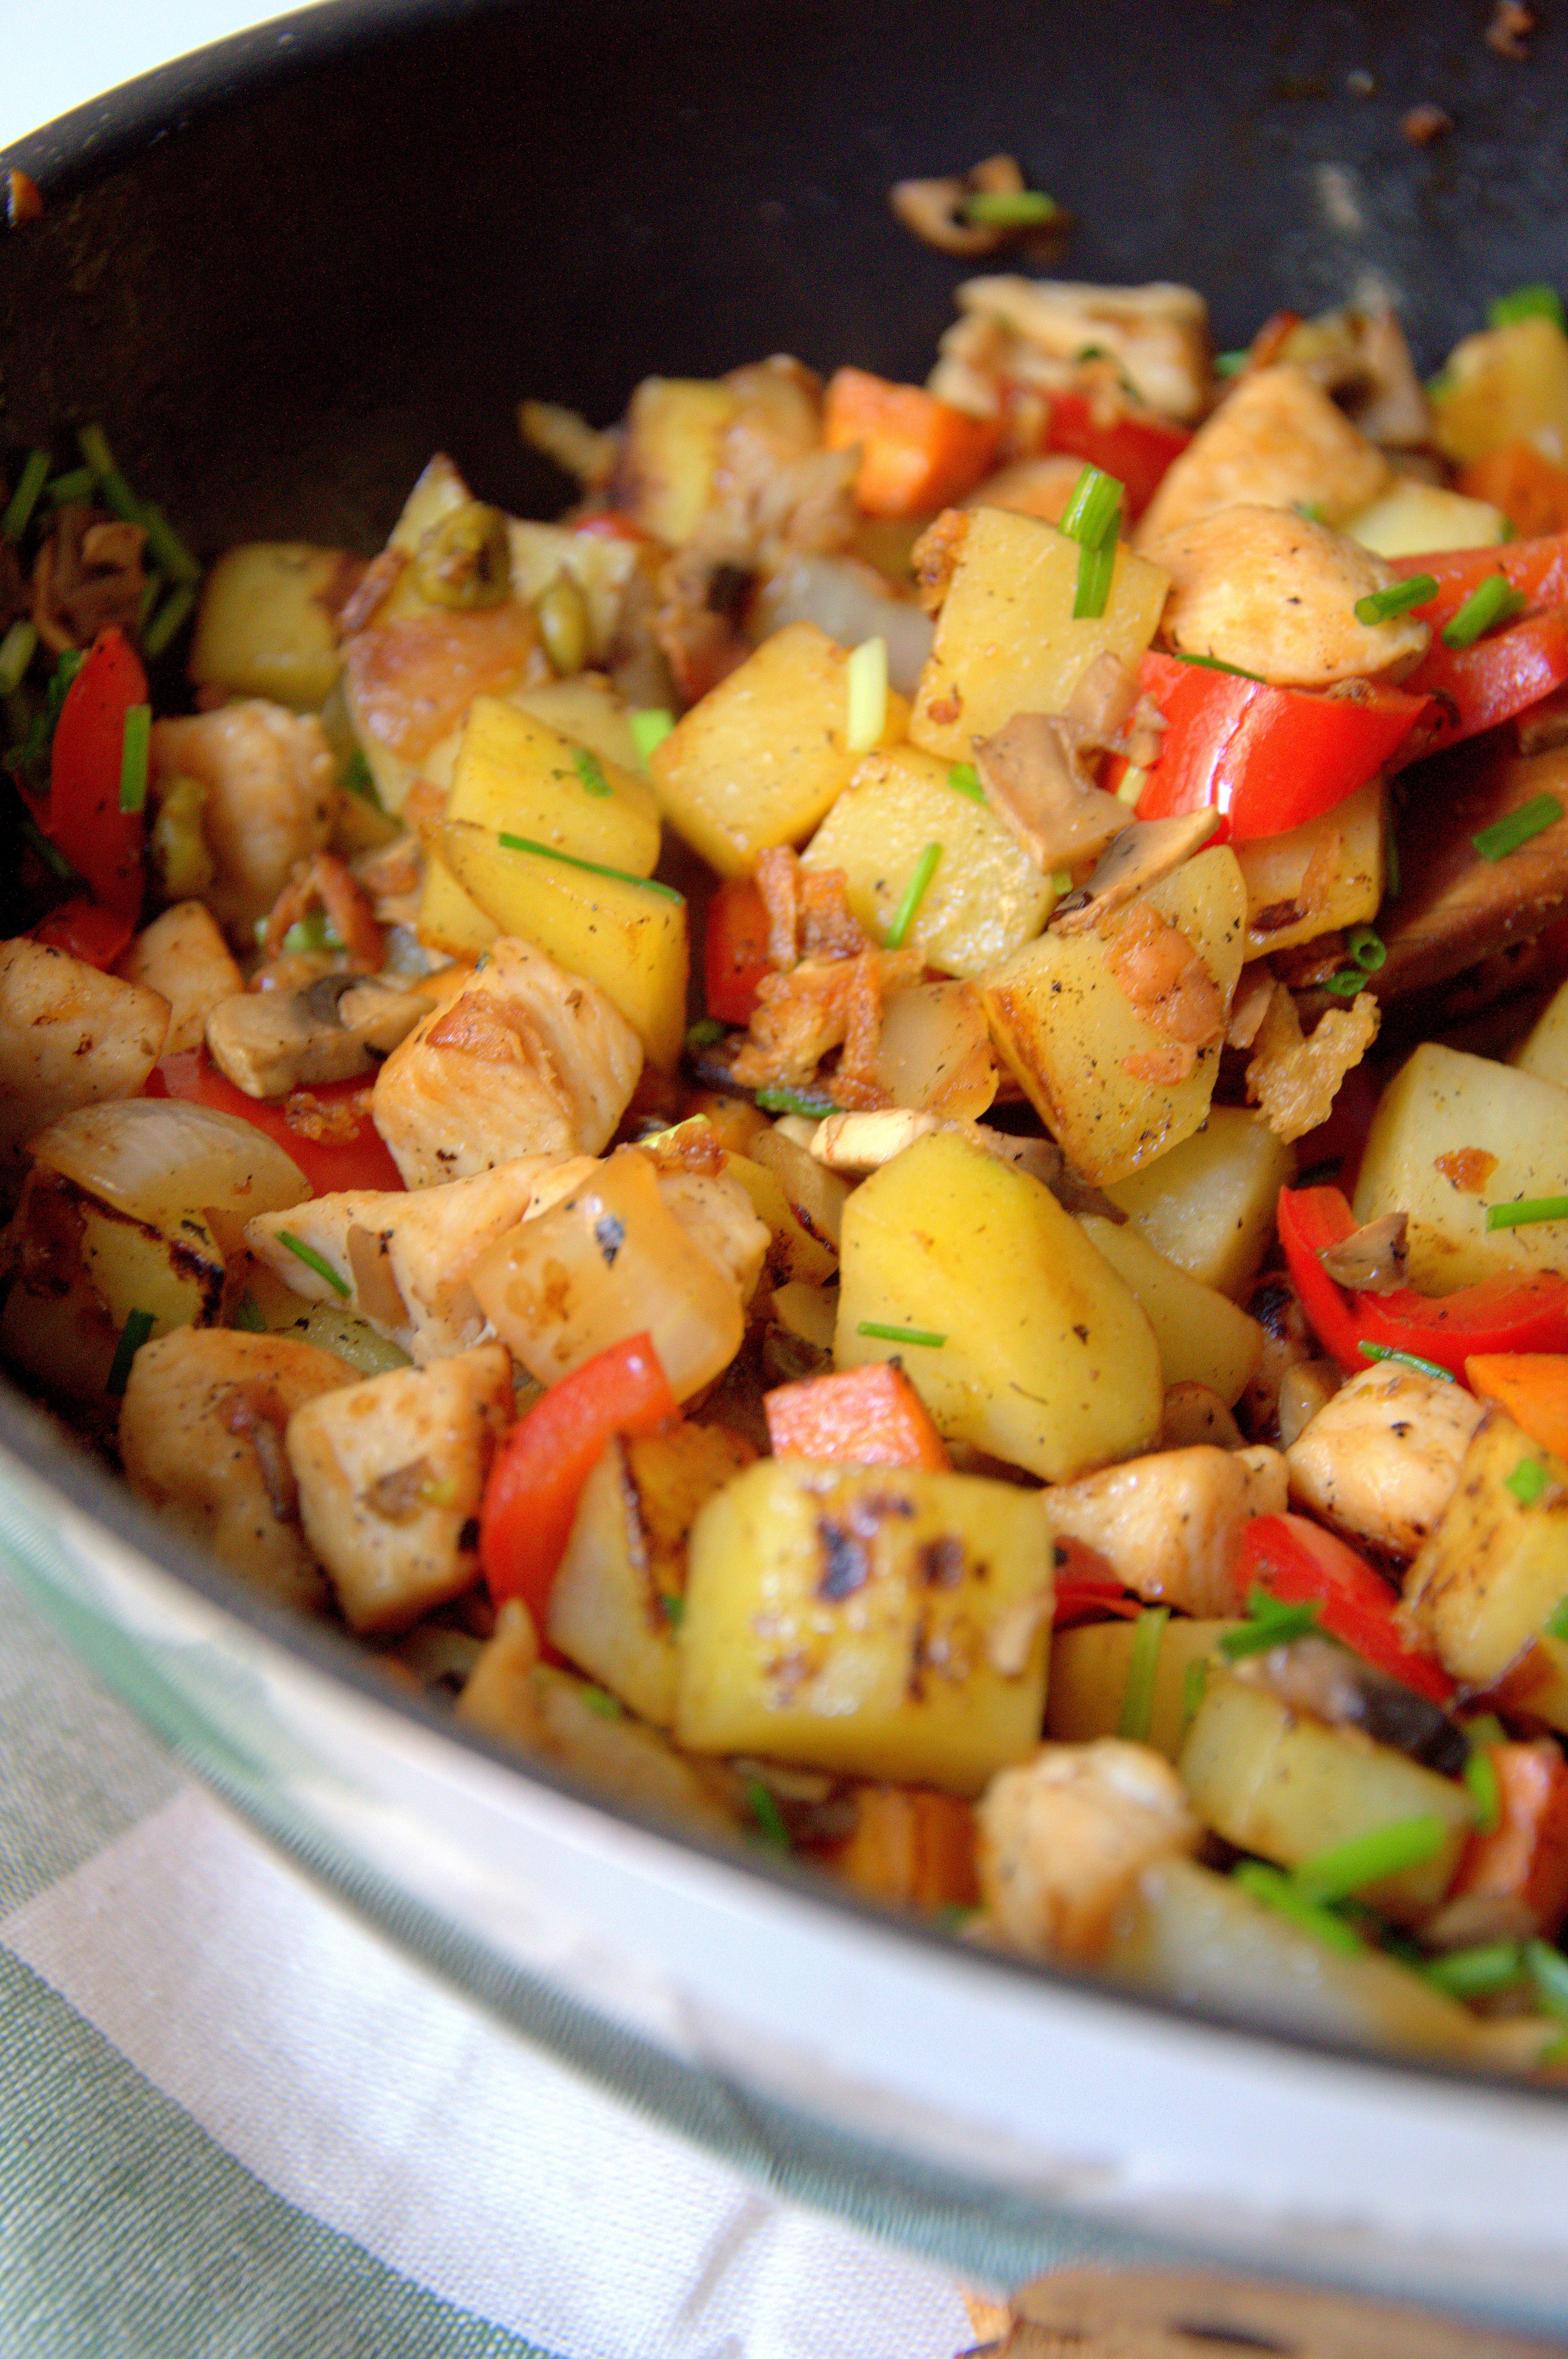 Salteado de patatas, pollo y verduras - Organizados